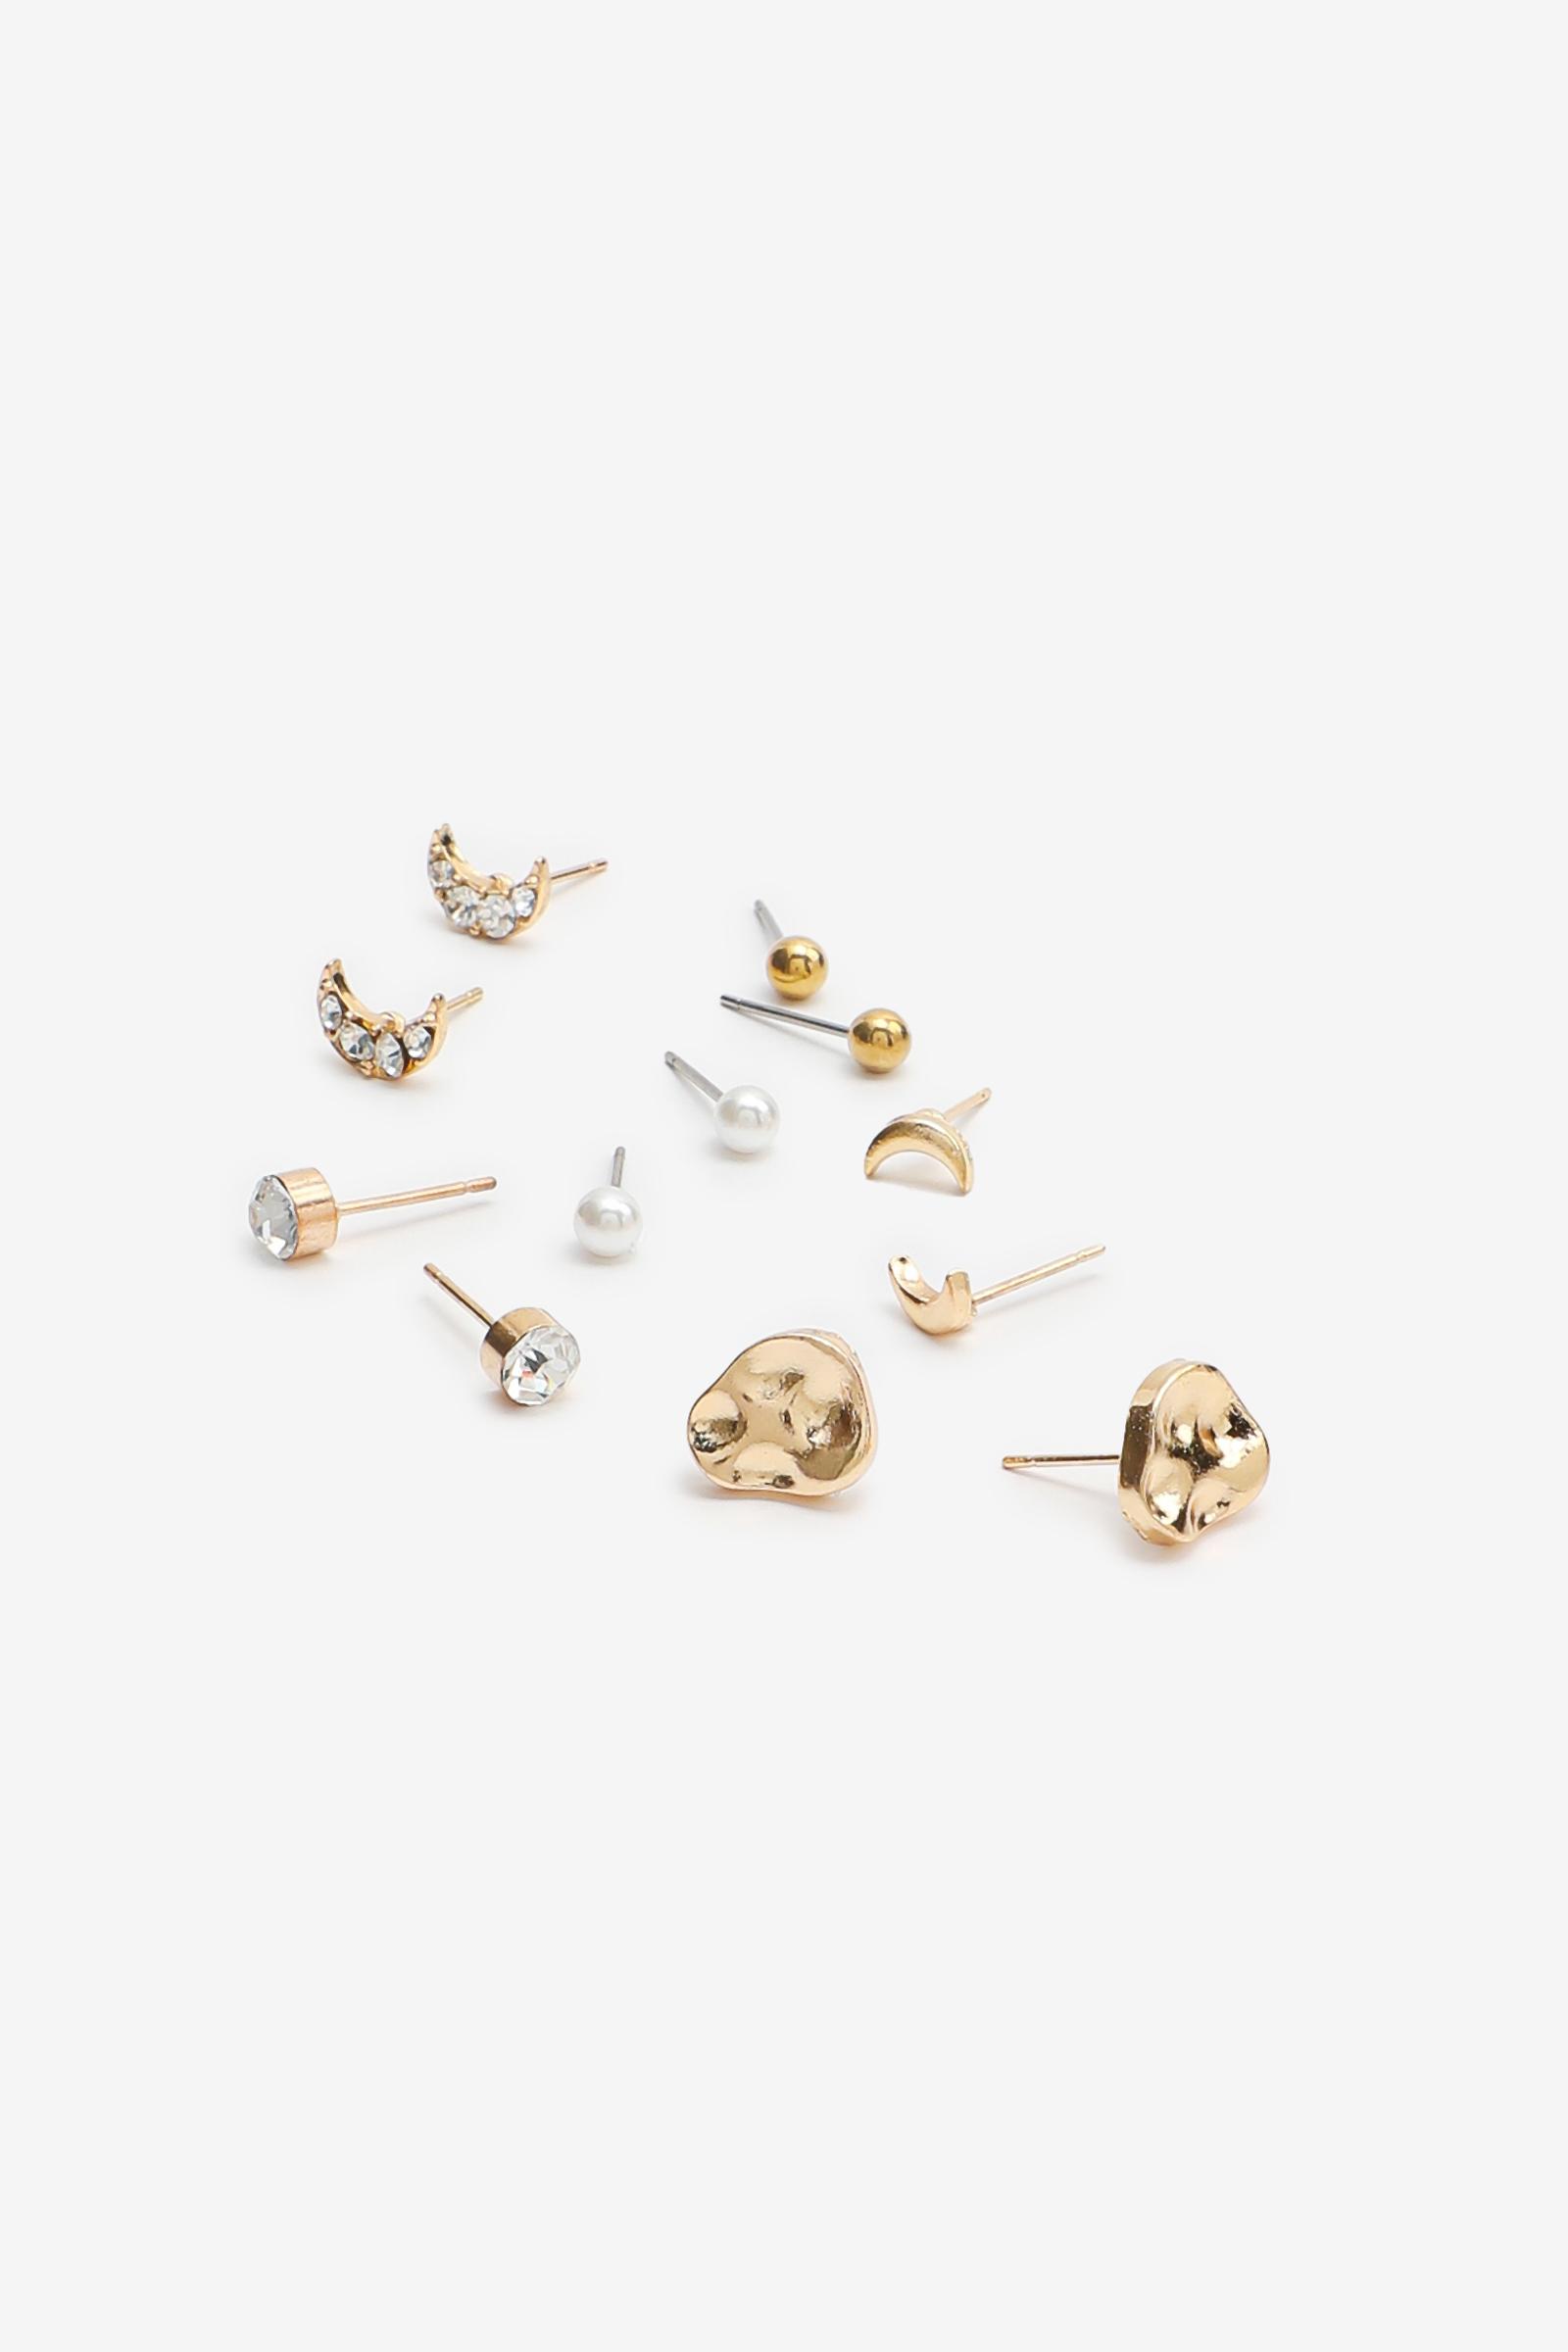 Paquet de boucles d'oreilles assorties